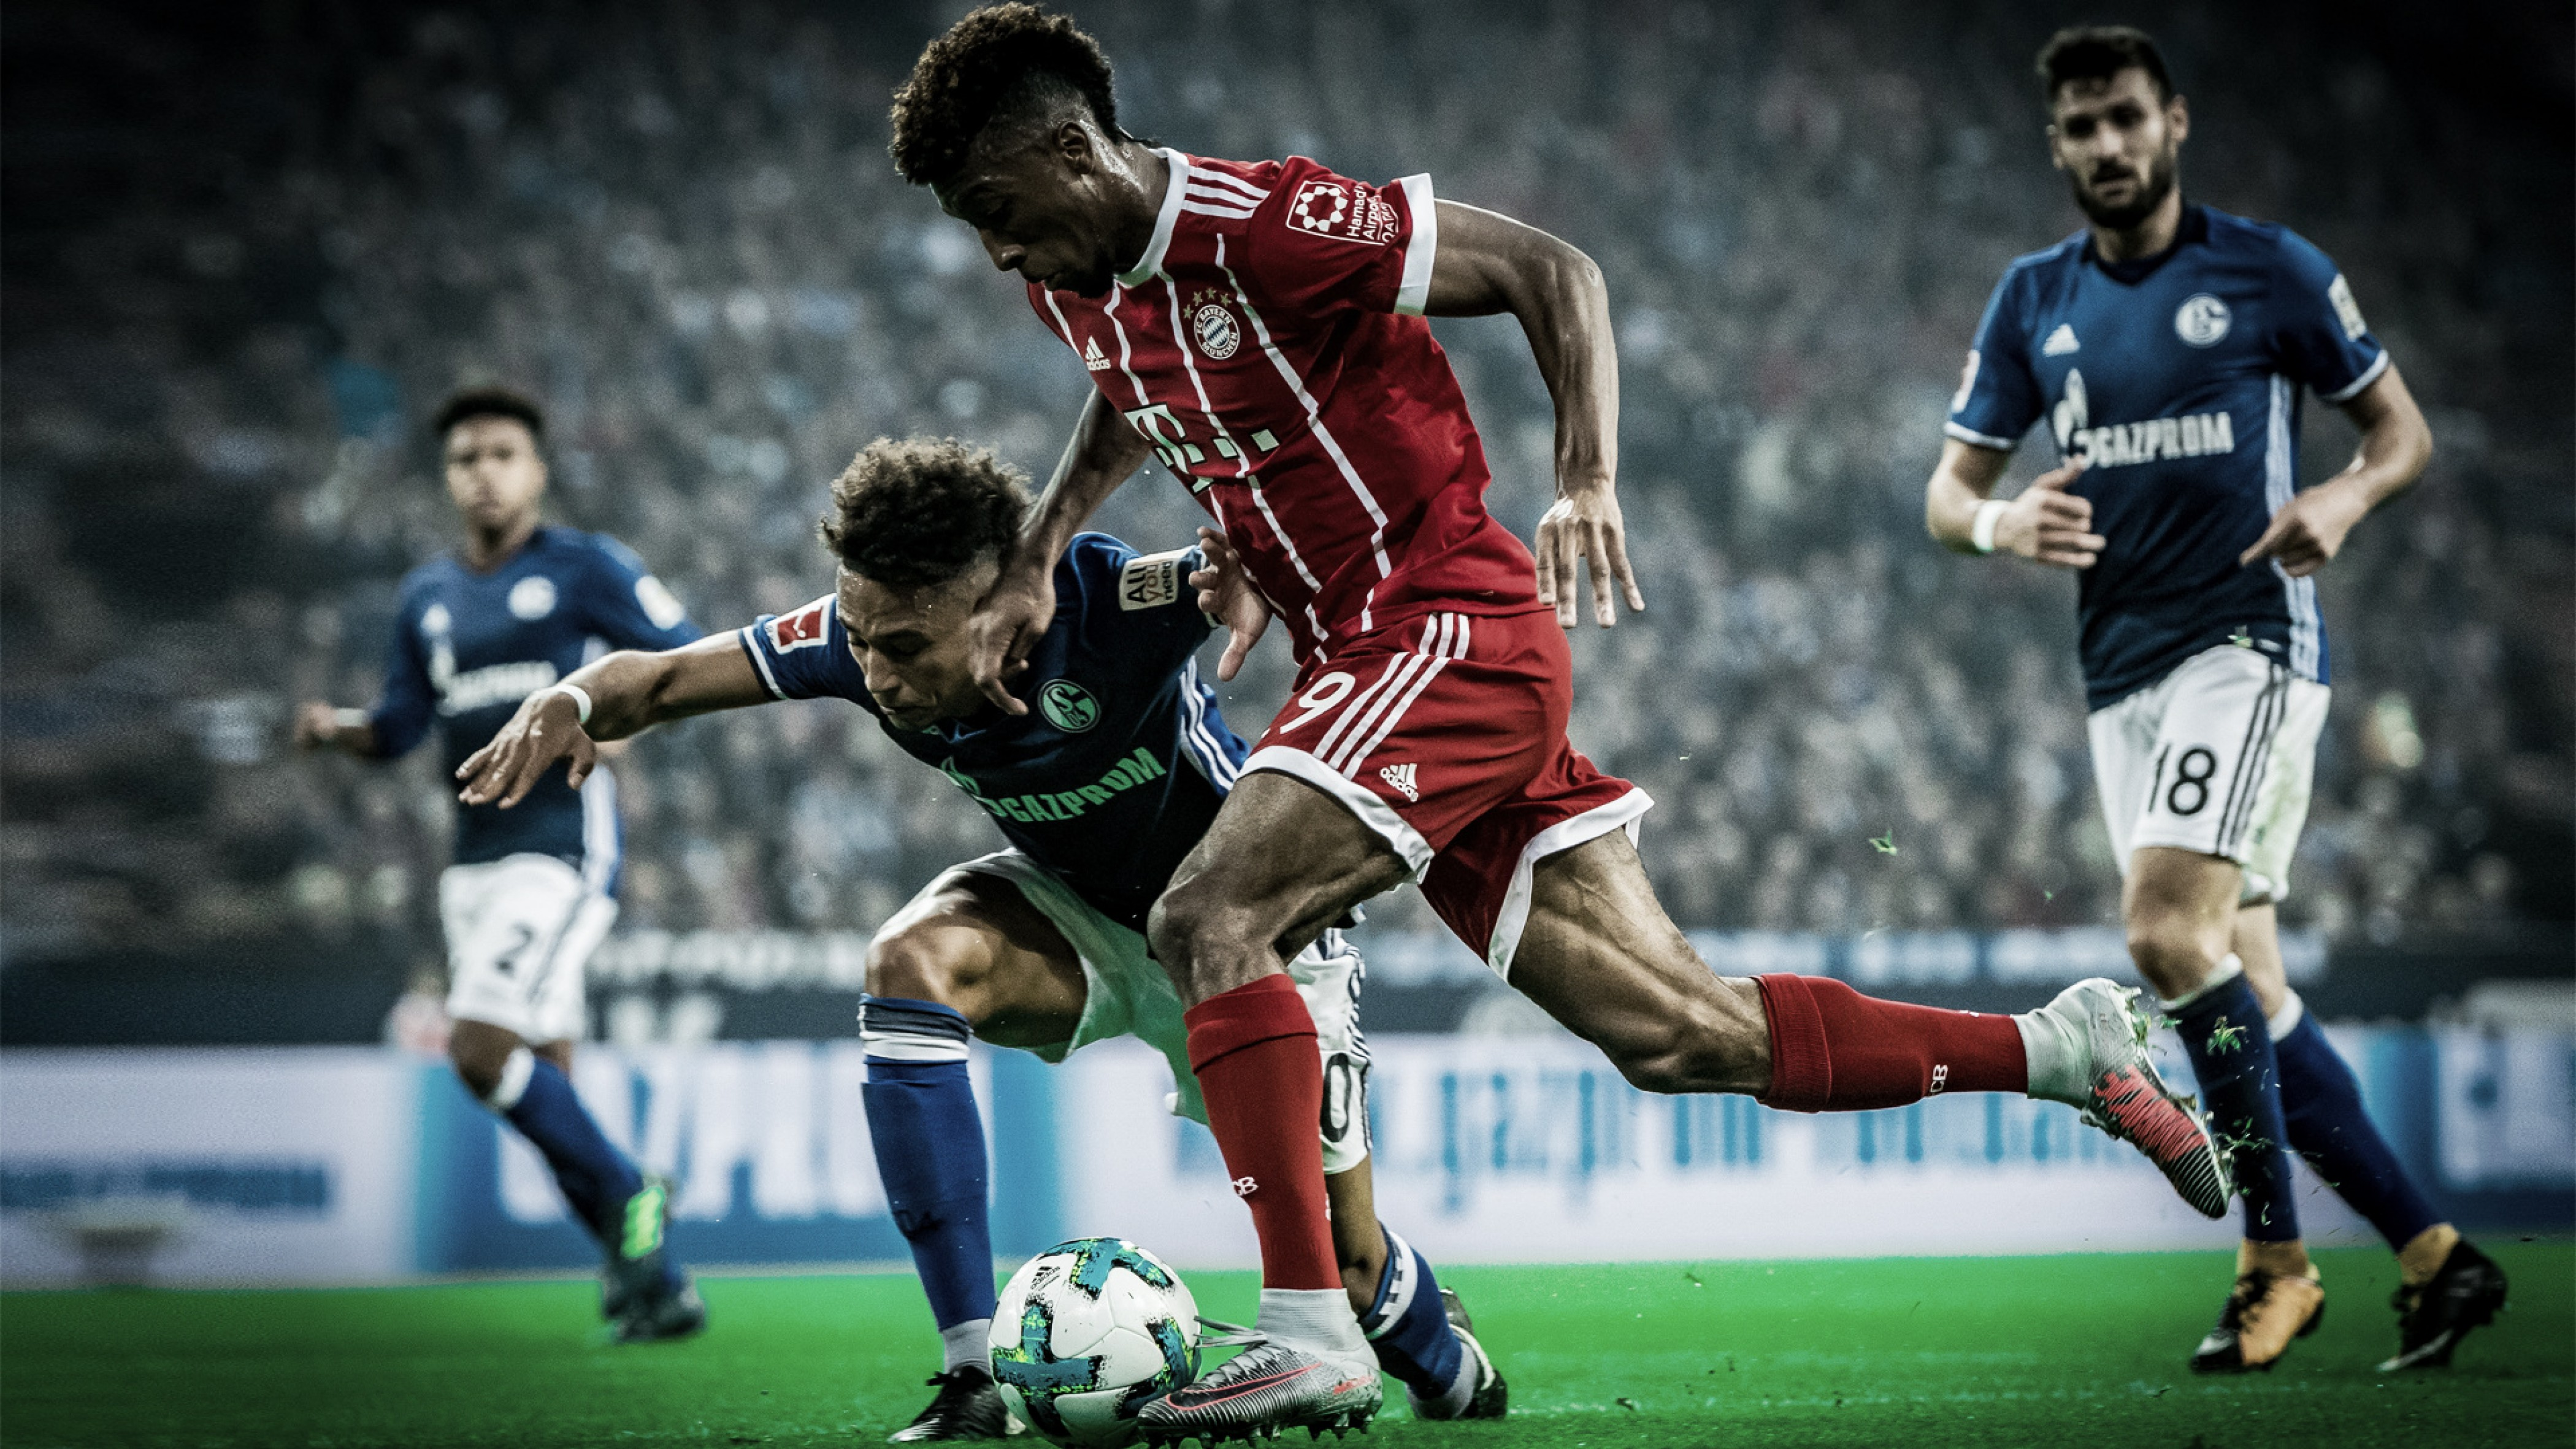 Previa Schalke 04 - Bayern Múnich: los locales buscarán sus primeros puntos de la temporada